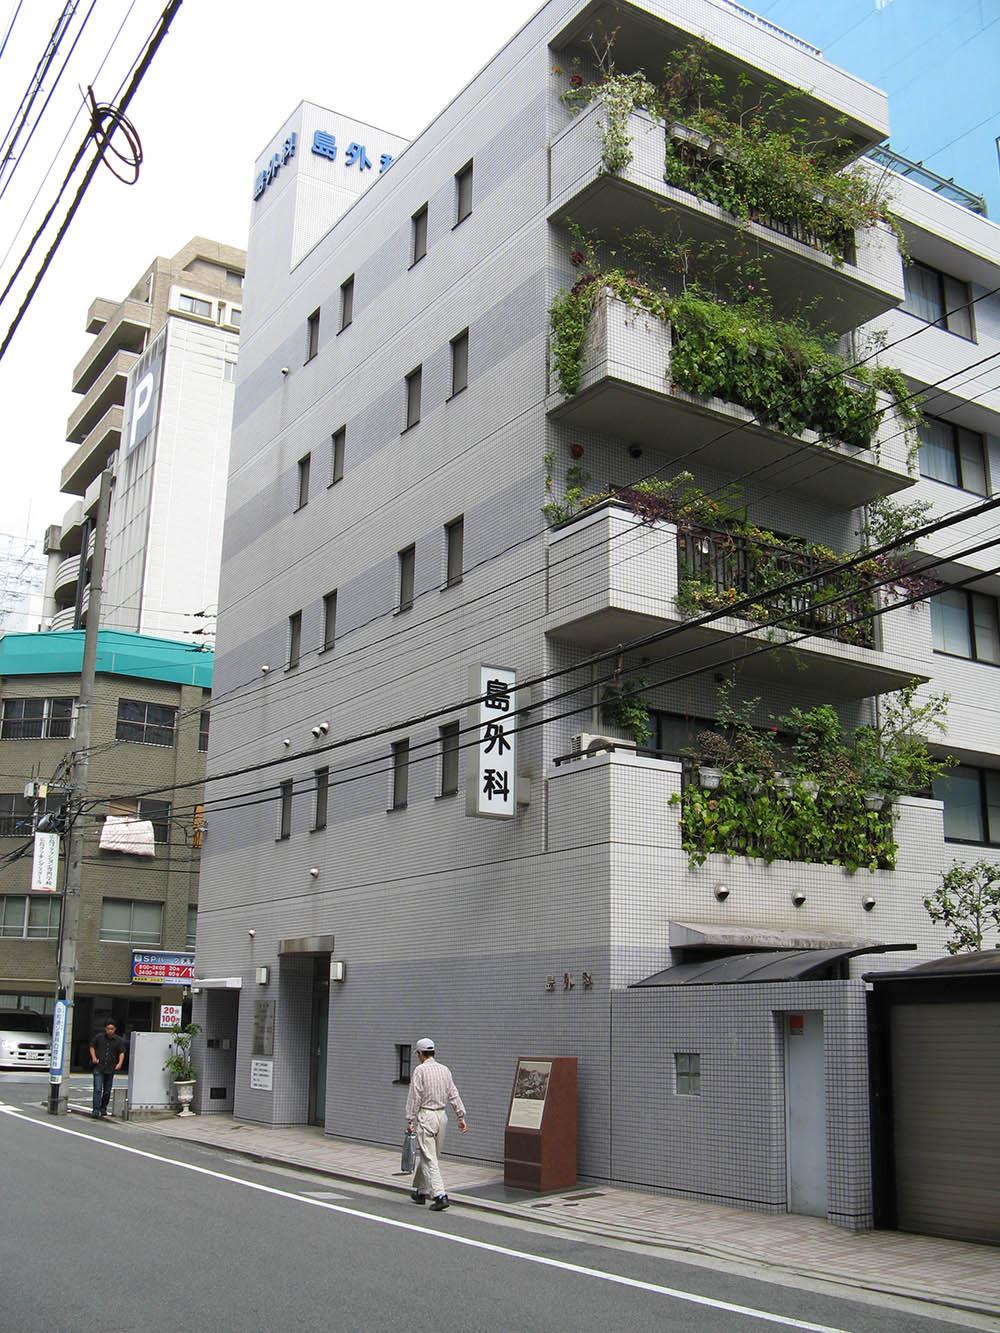 Shima Ziekenhuis